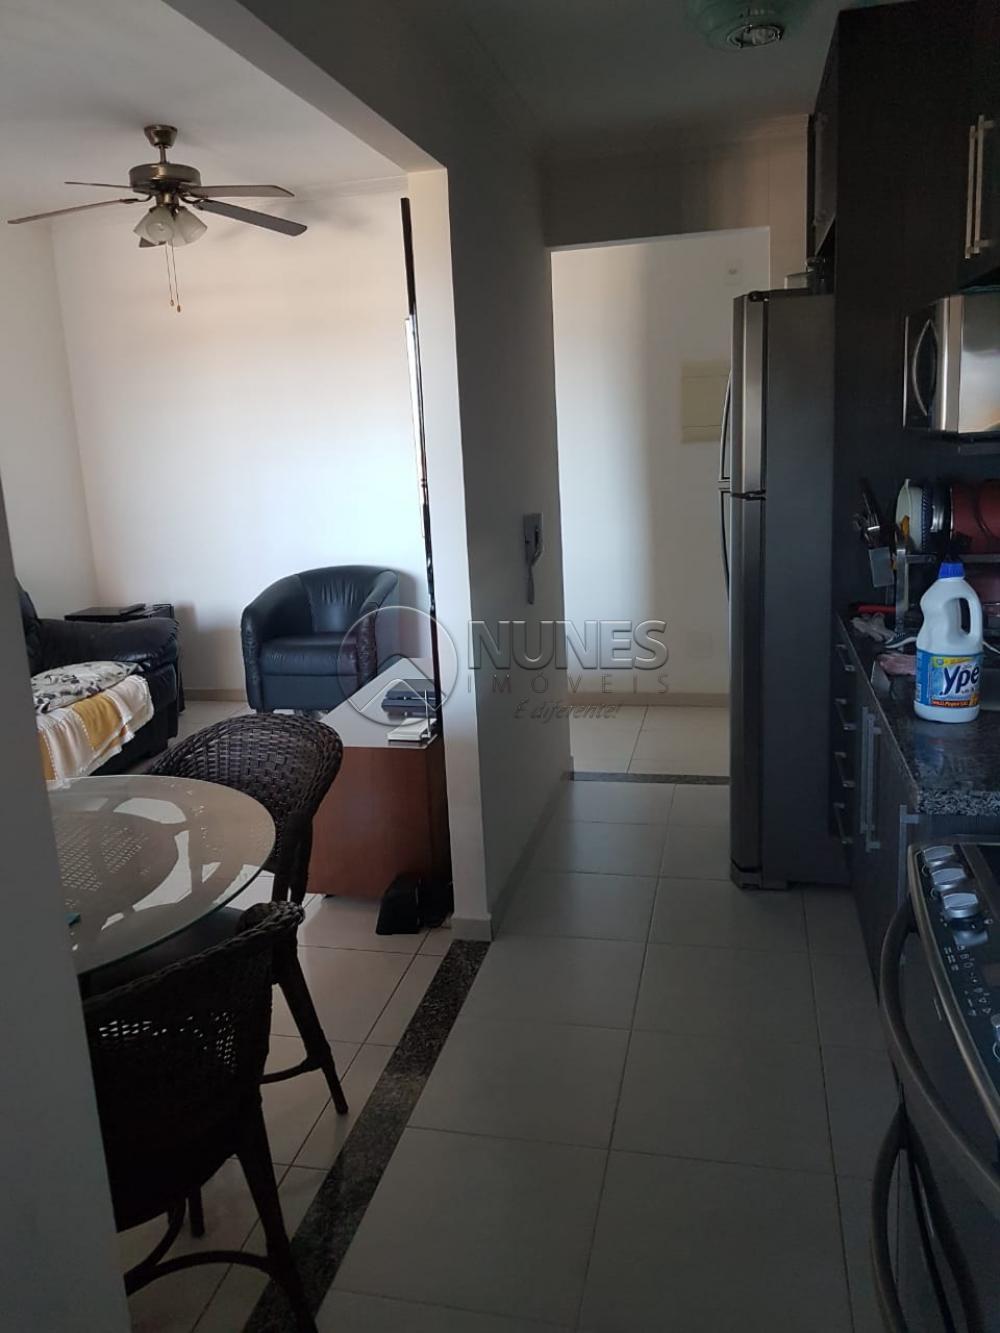 Comprar Apartamento / Padrão em Caraguatatuba apenas R$ 350.000,00 - Foto 3